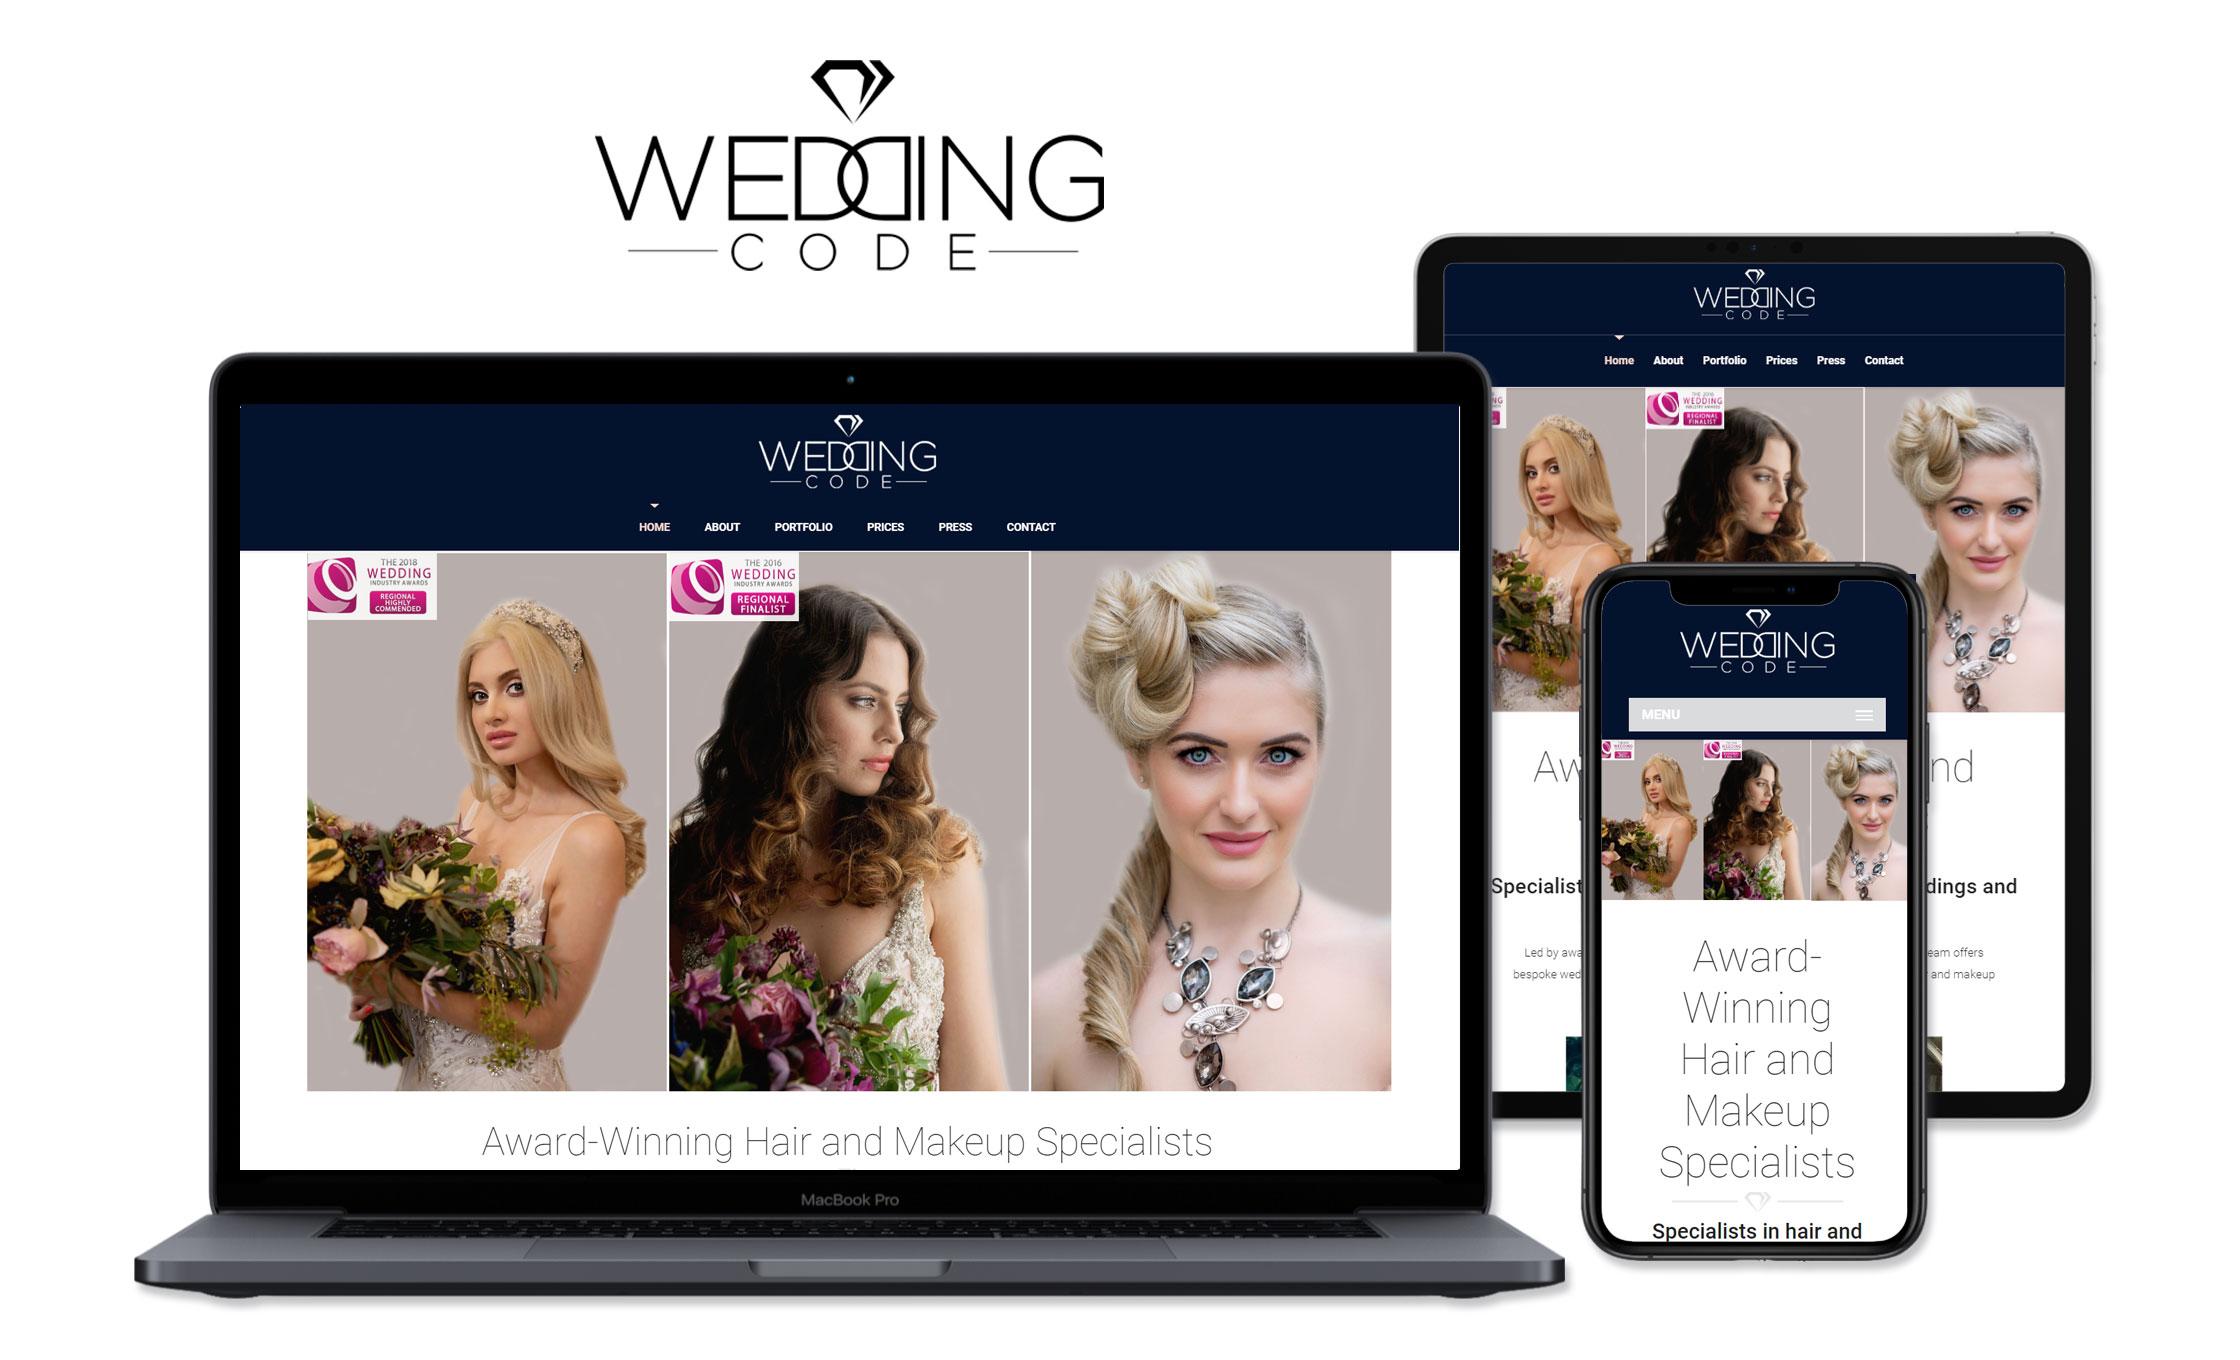 wedding-code